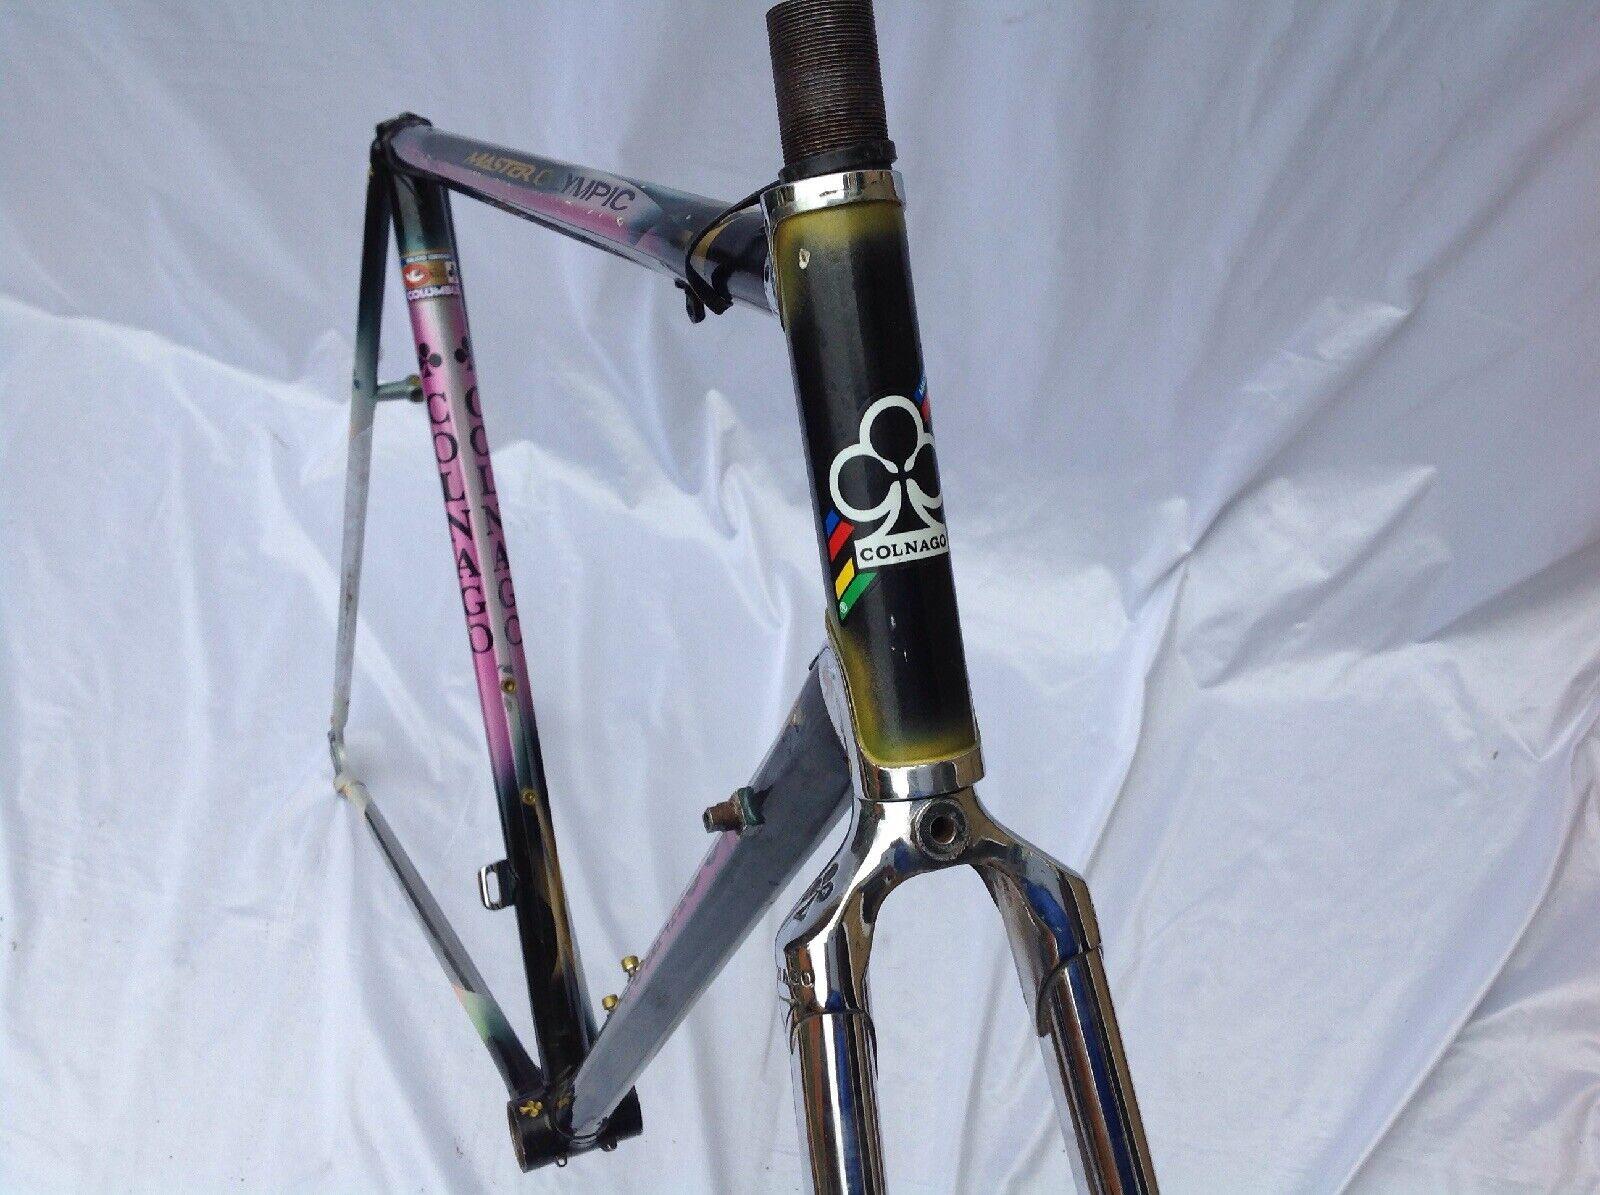 COLNAGO MASTER OLYMPIC ART DECO VINTAGE FRAME & FORK 1990 55CM C-T-C CAMPAGNOLO